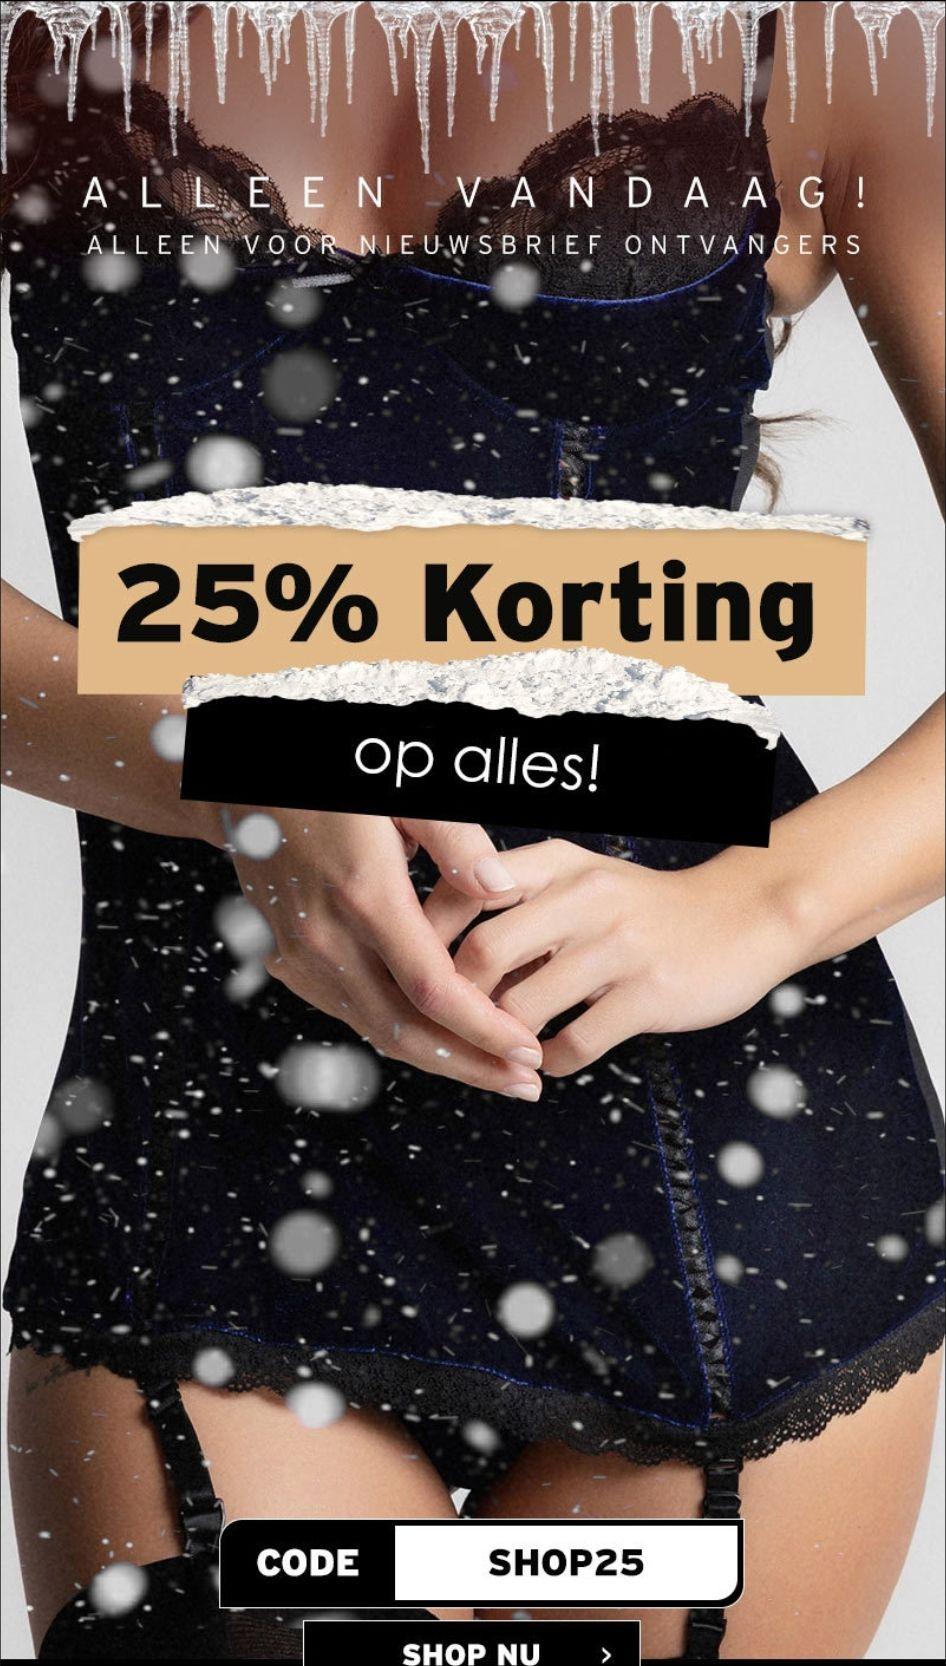 25% korting op alles bij Christine Le Duc met kortingscode SHOP25, alleen vandaag (16-12)!